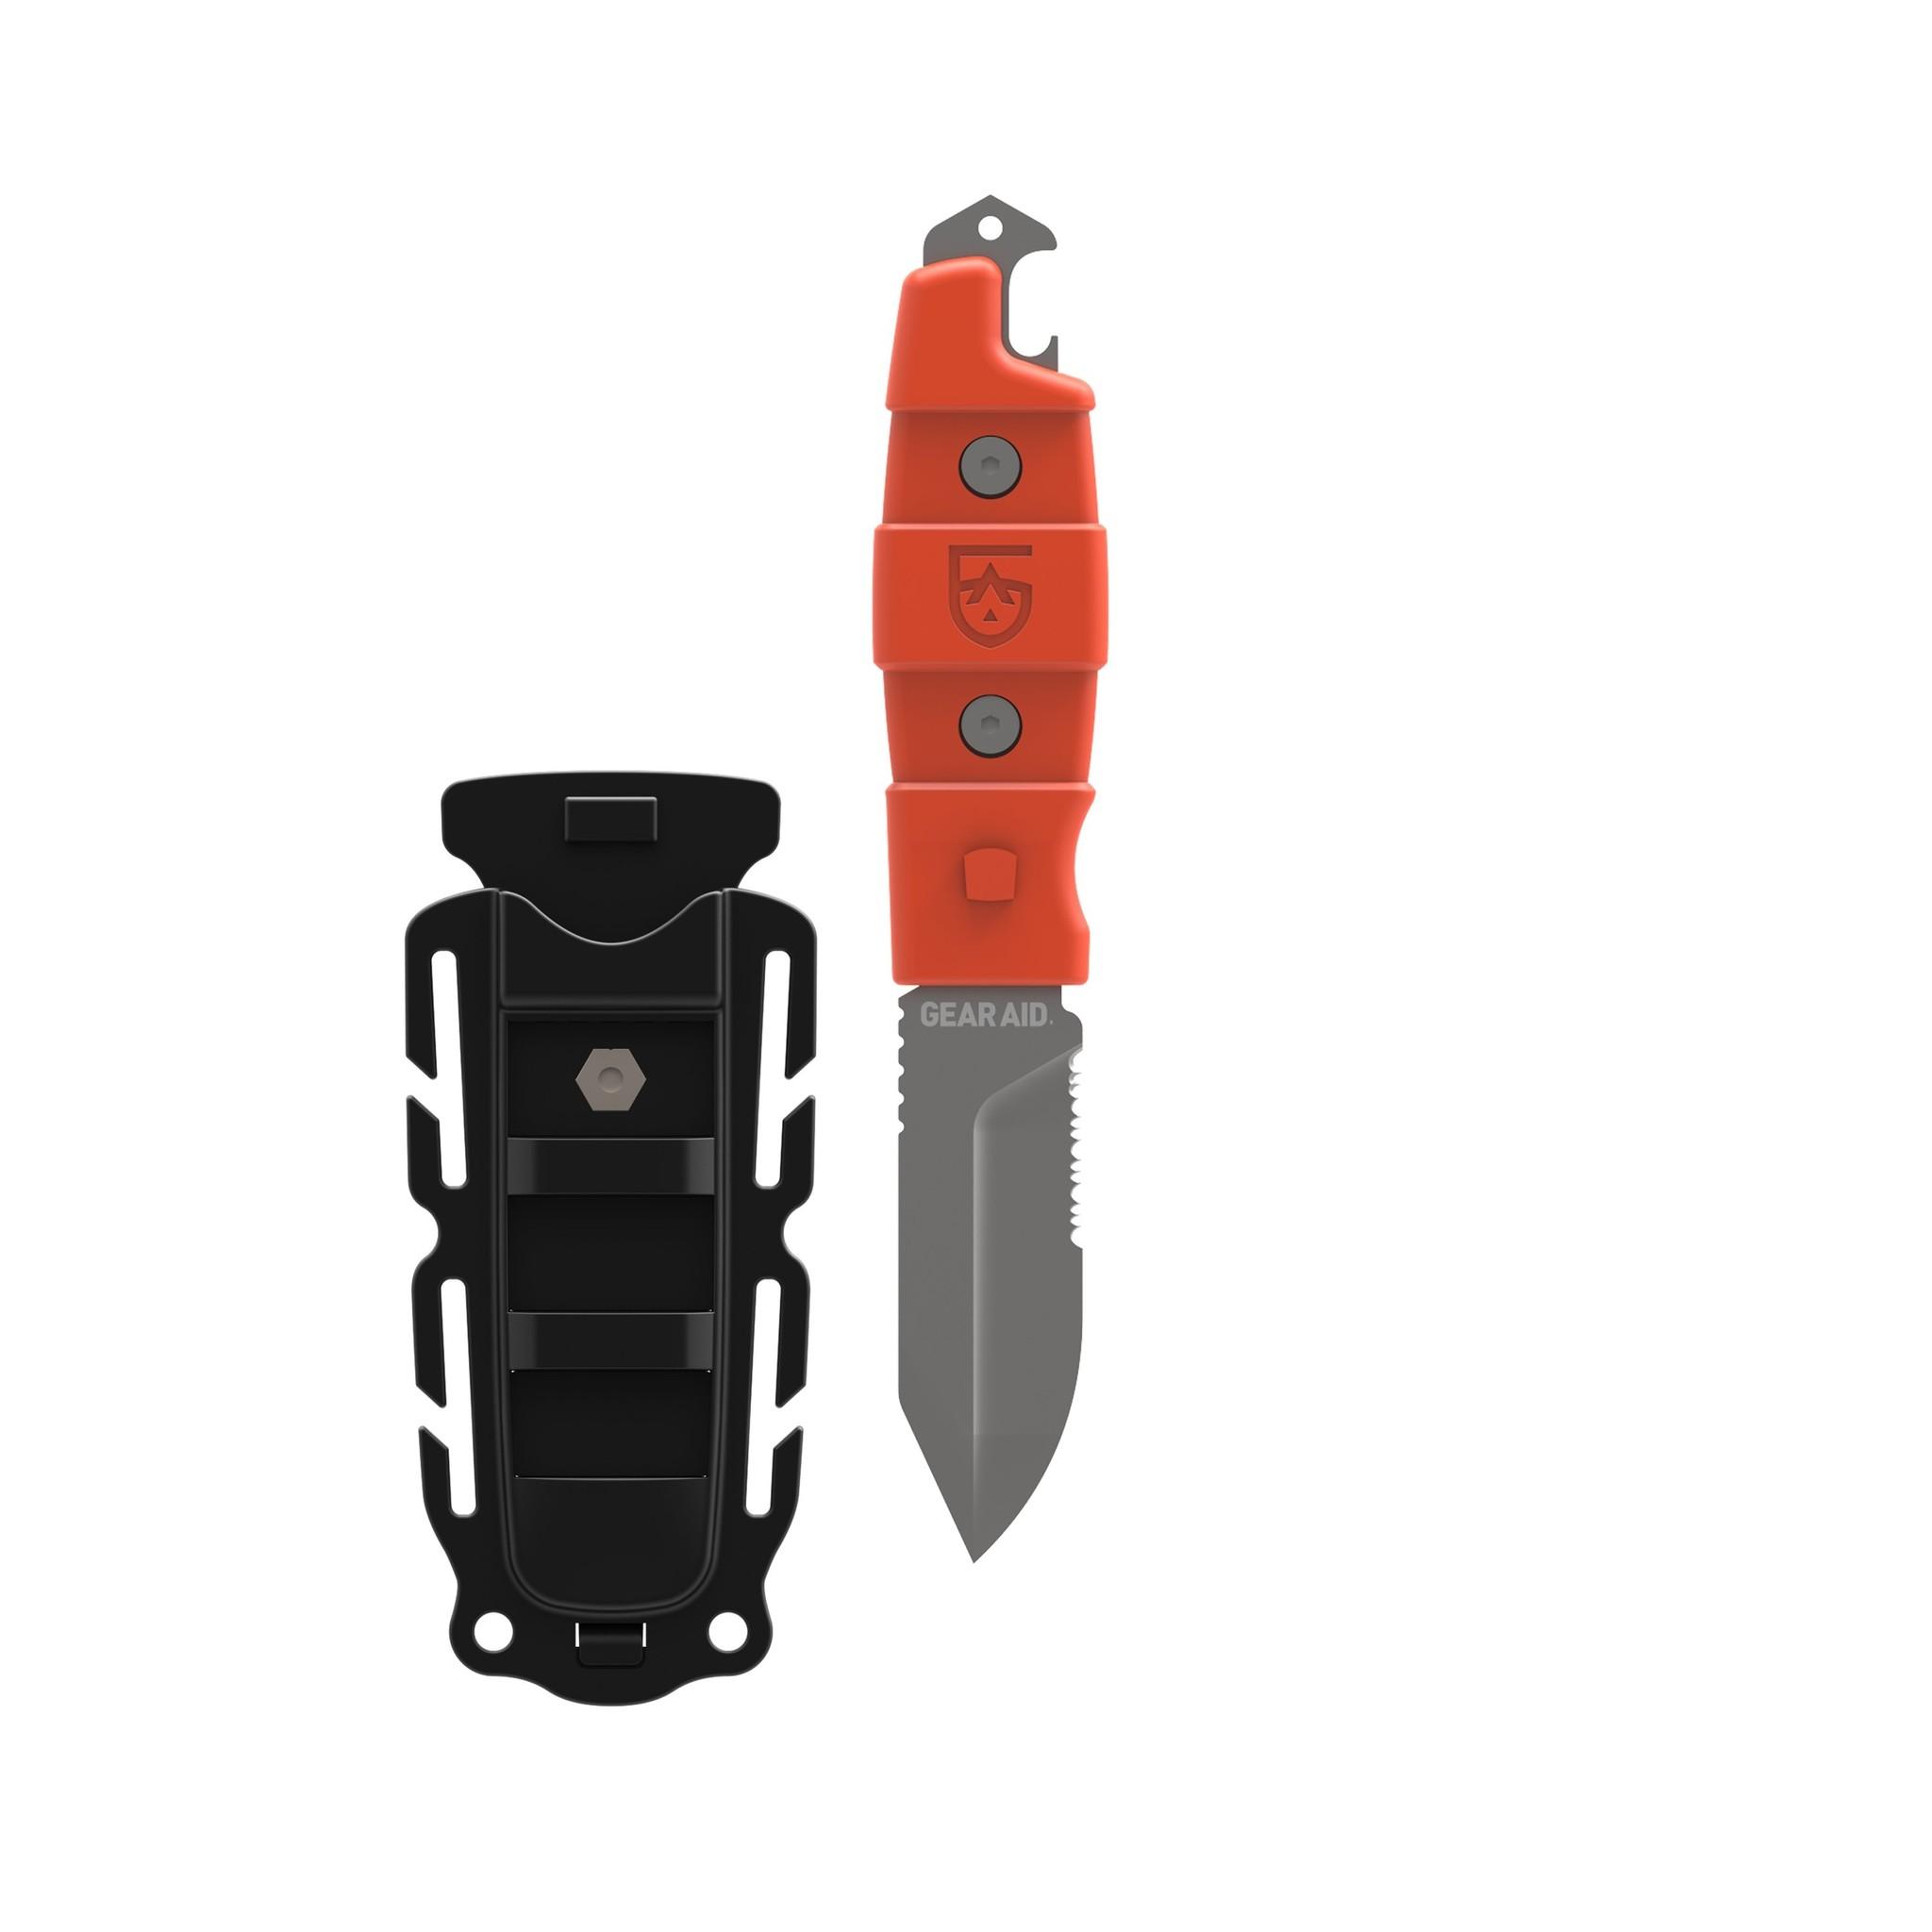 Gear Aid Buri Drop Adventure Knife